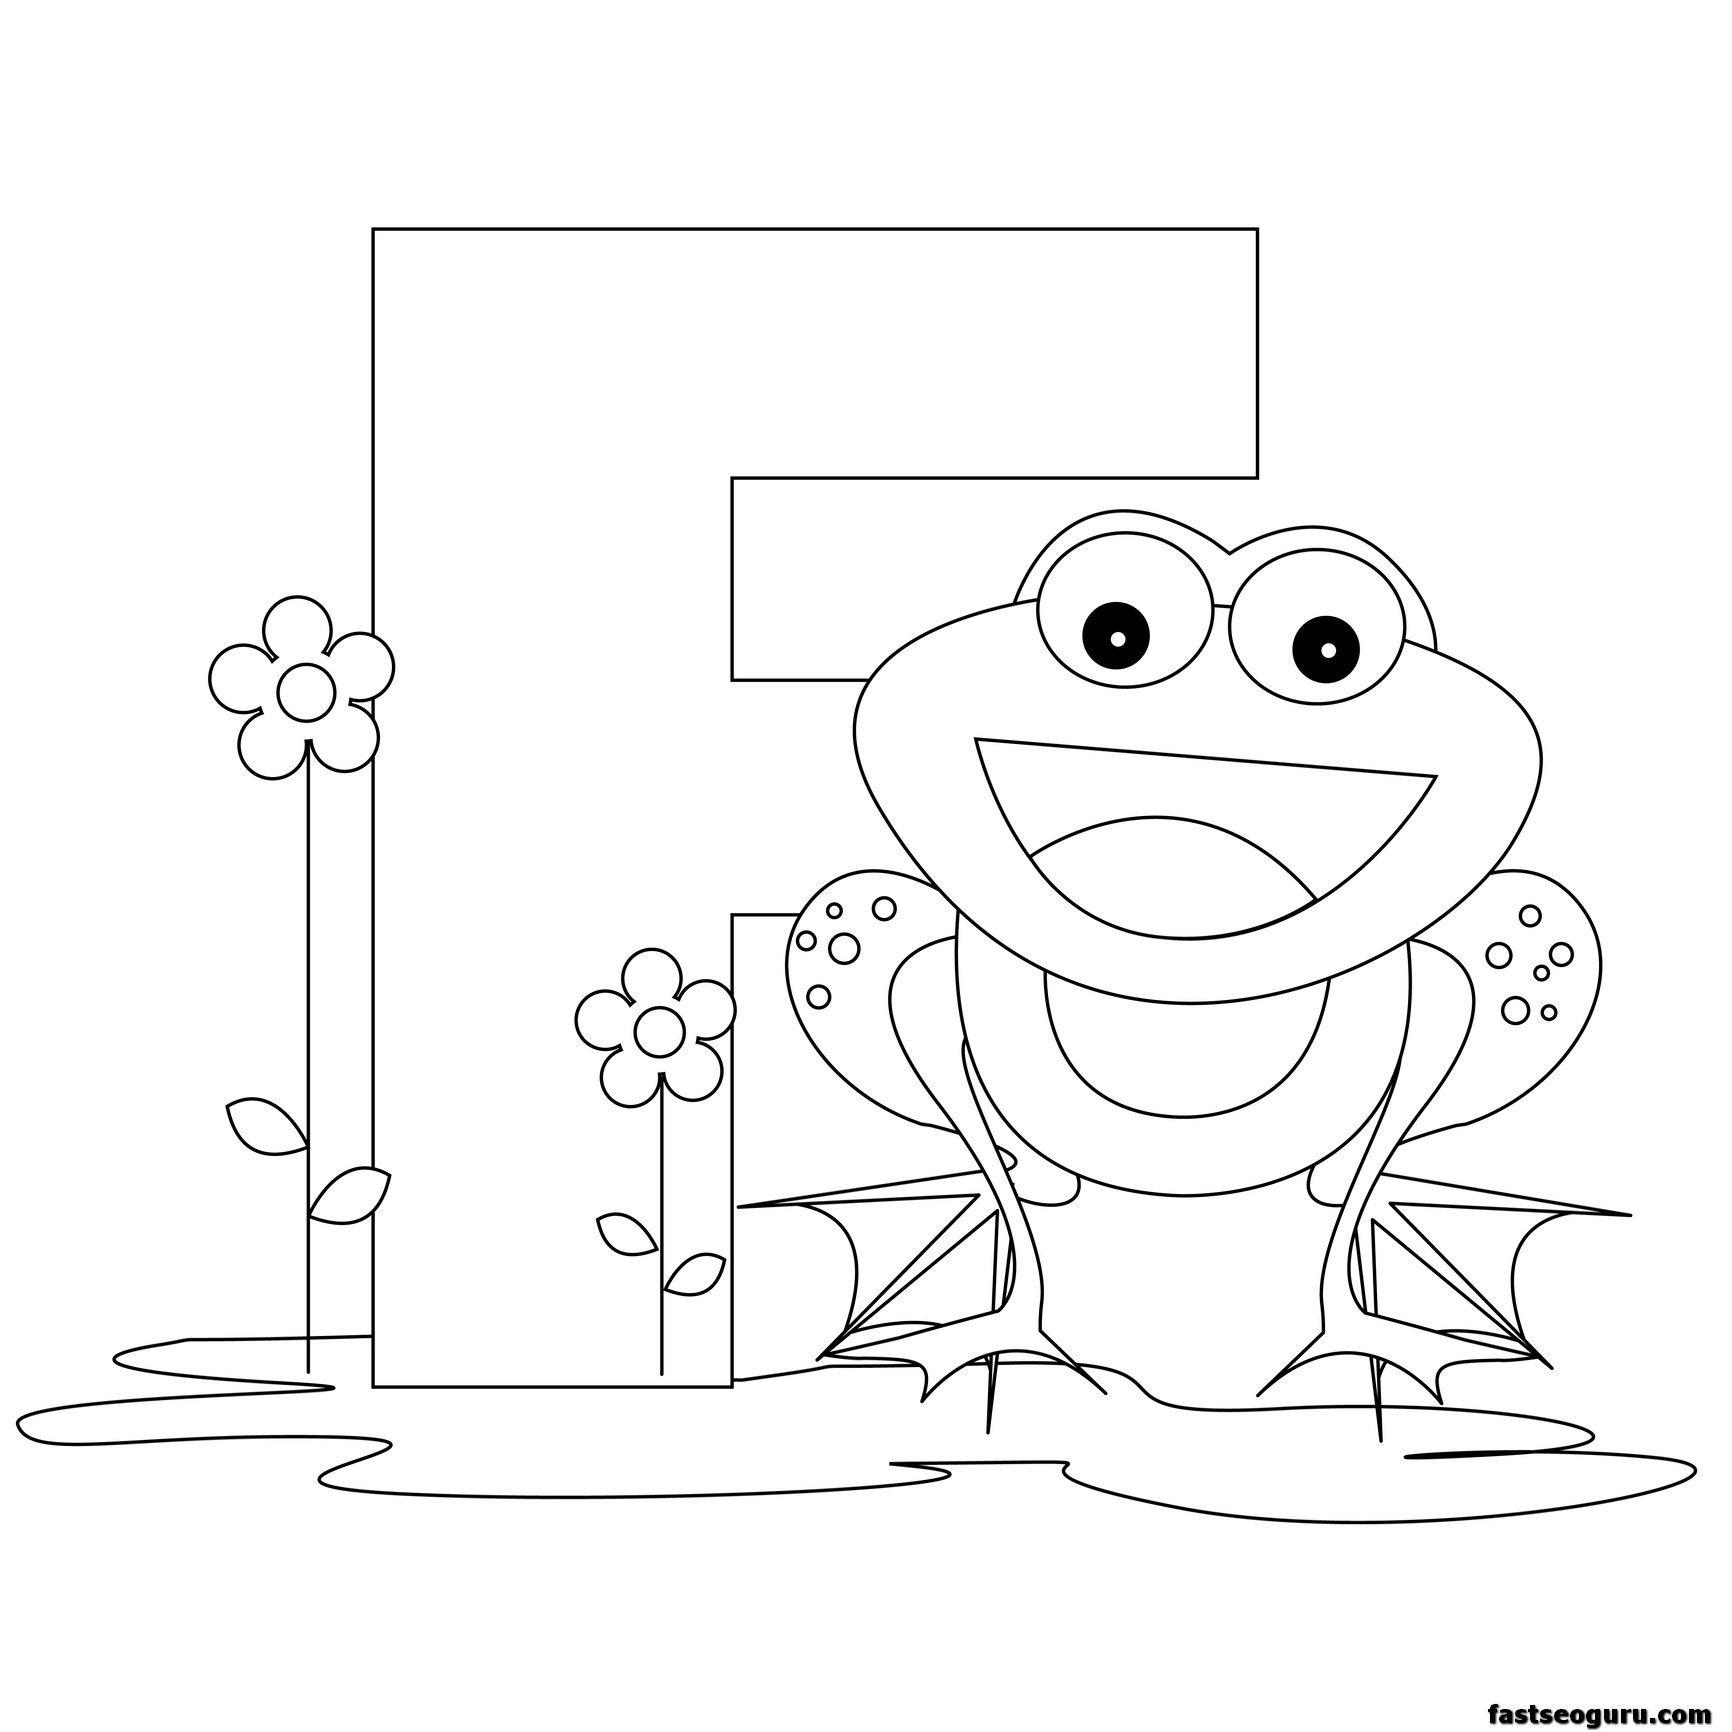 Printable Animal Alphabet Worksheets Letter F For Frog